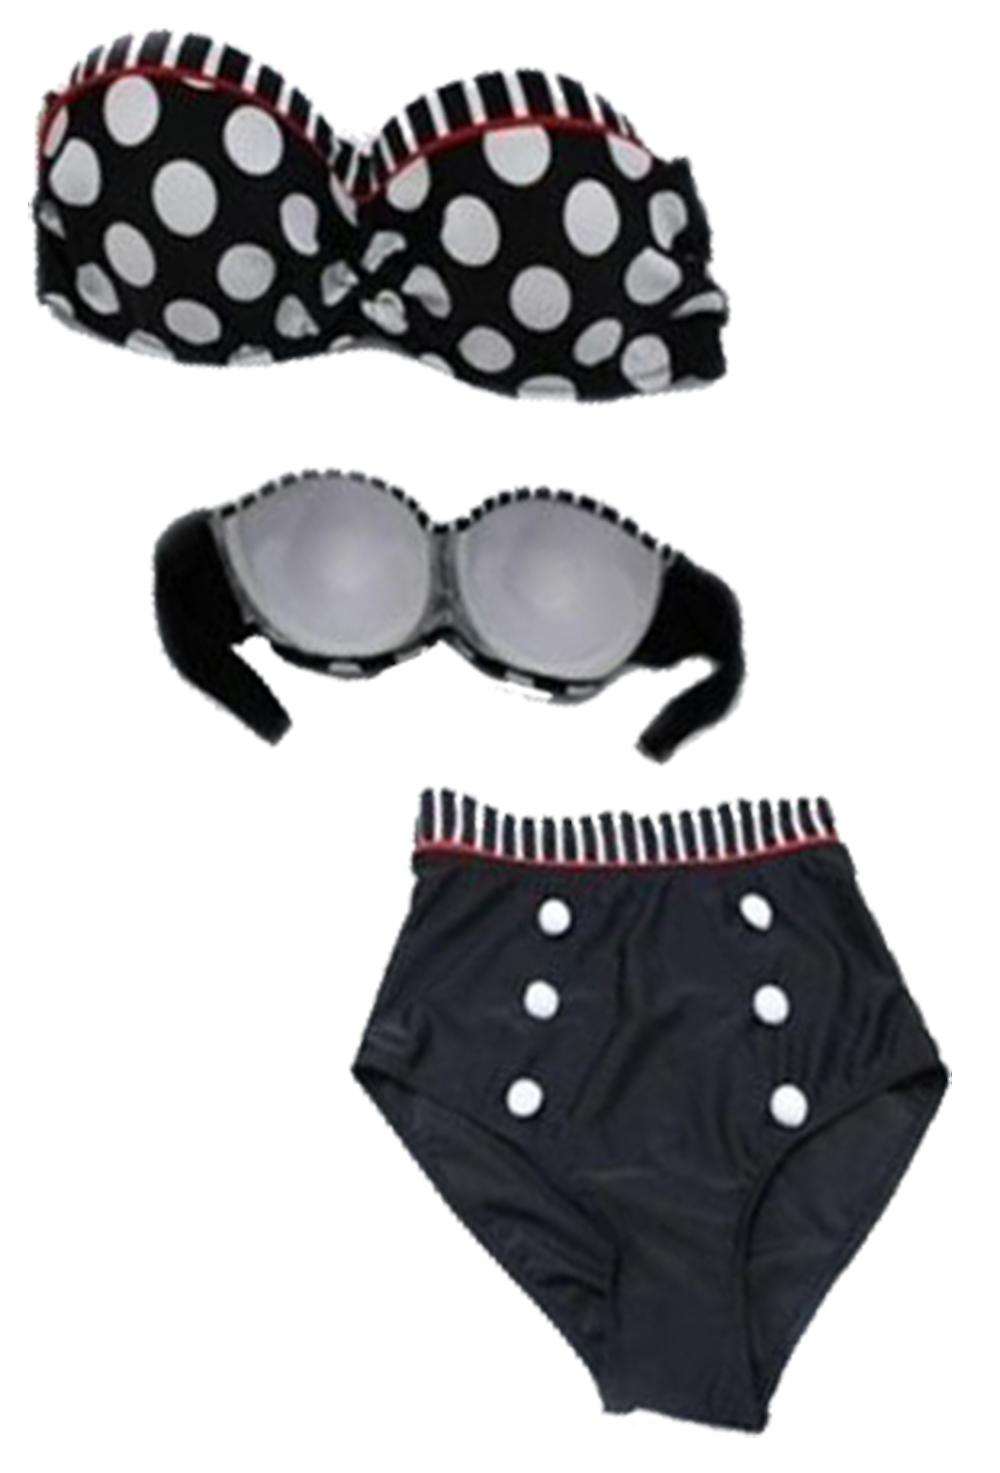 Waooh - Bikini-Old-School